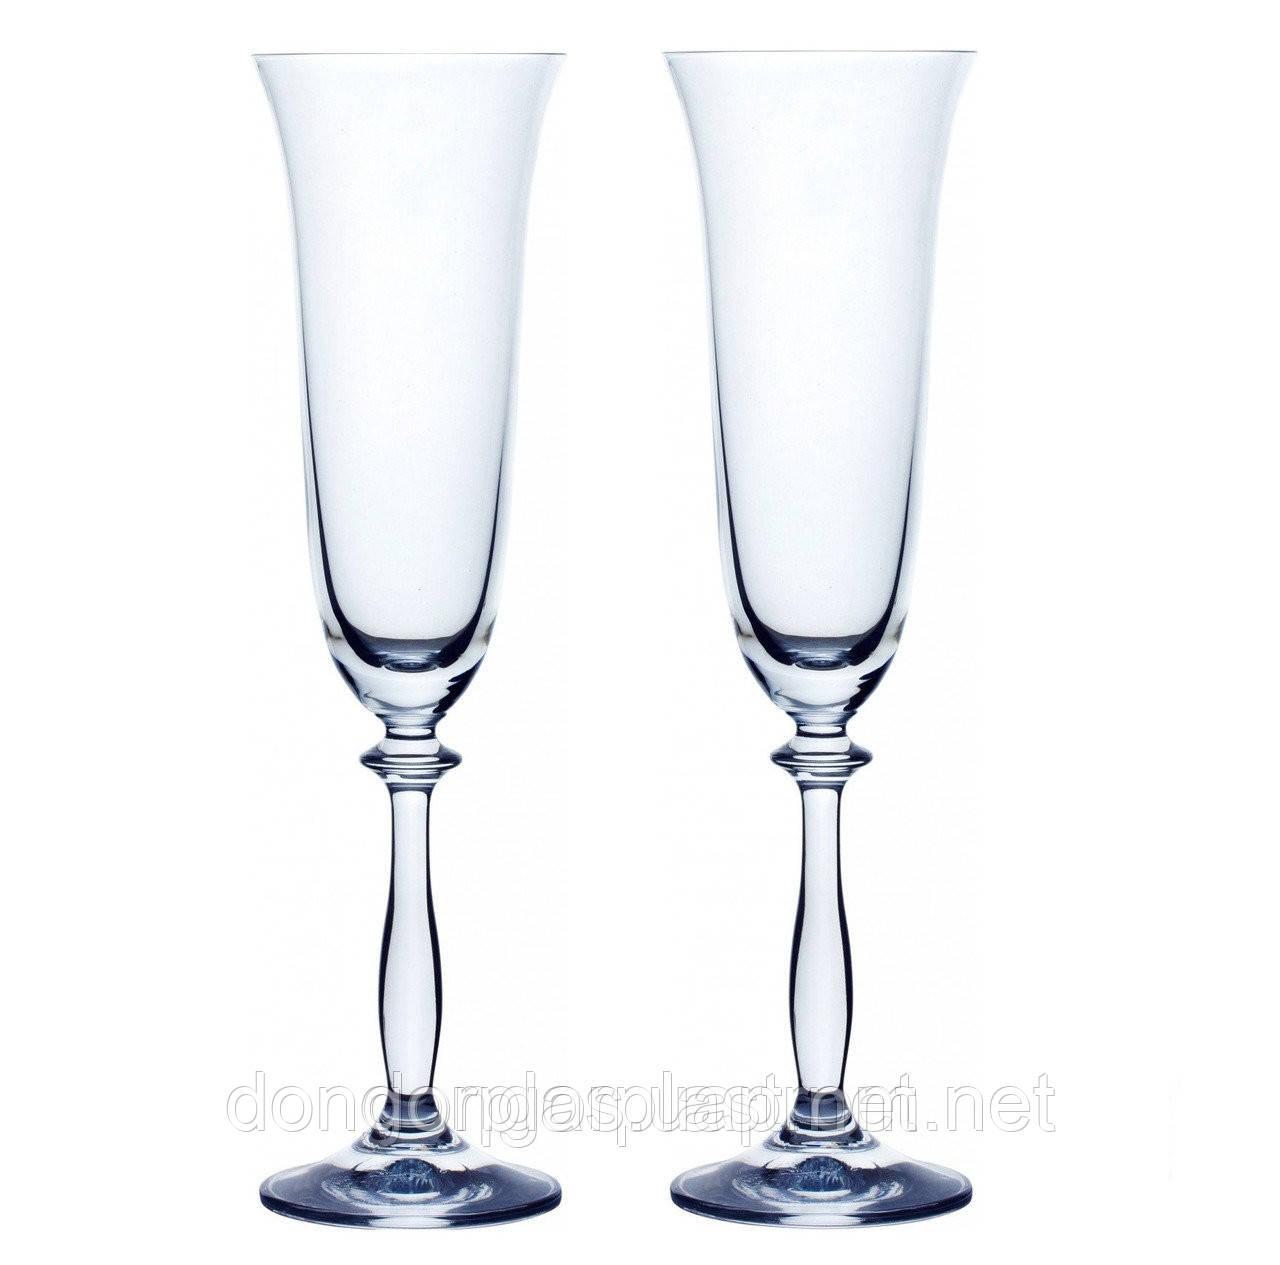 Набор бокалов Bohemia Angela для шампанского 2 шт. (190 мл) - ООО «Донгорпласт» в Киеве